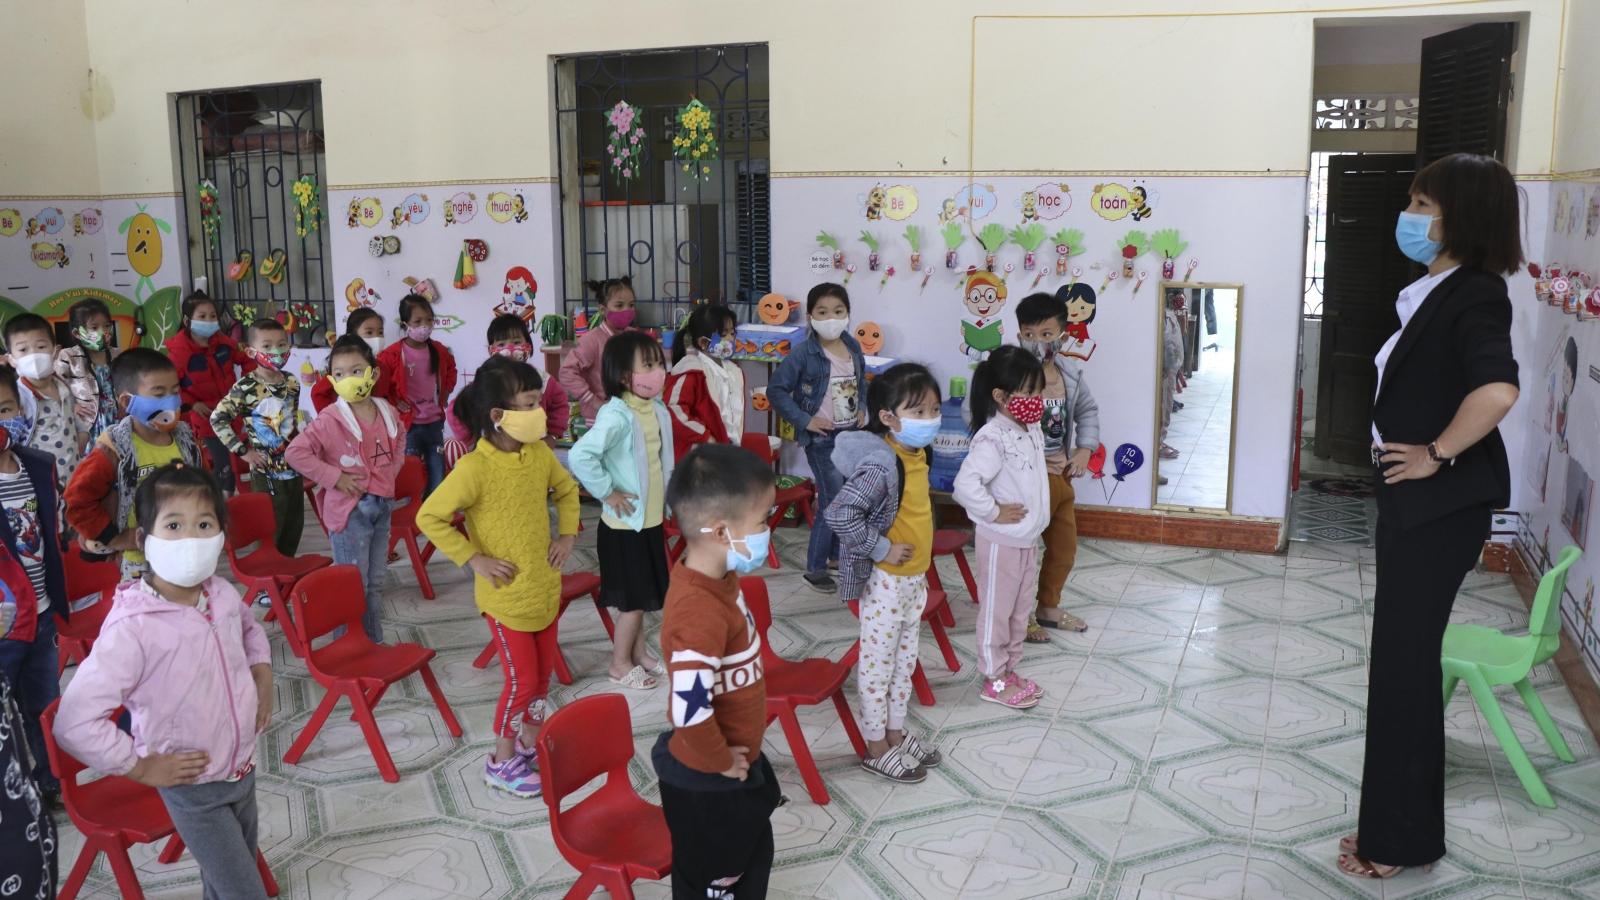 Điện Biên thiếu trầm trọng giáo viên mầm non trong năm học mới